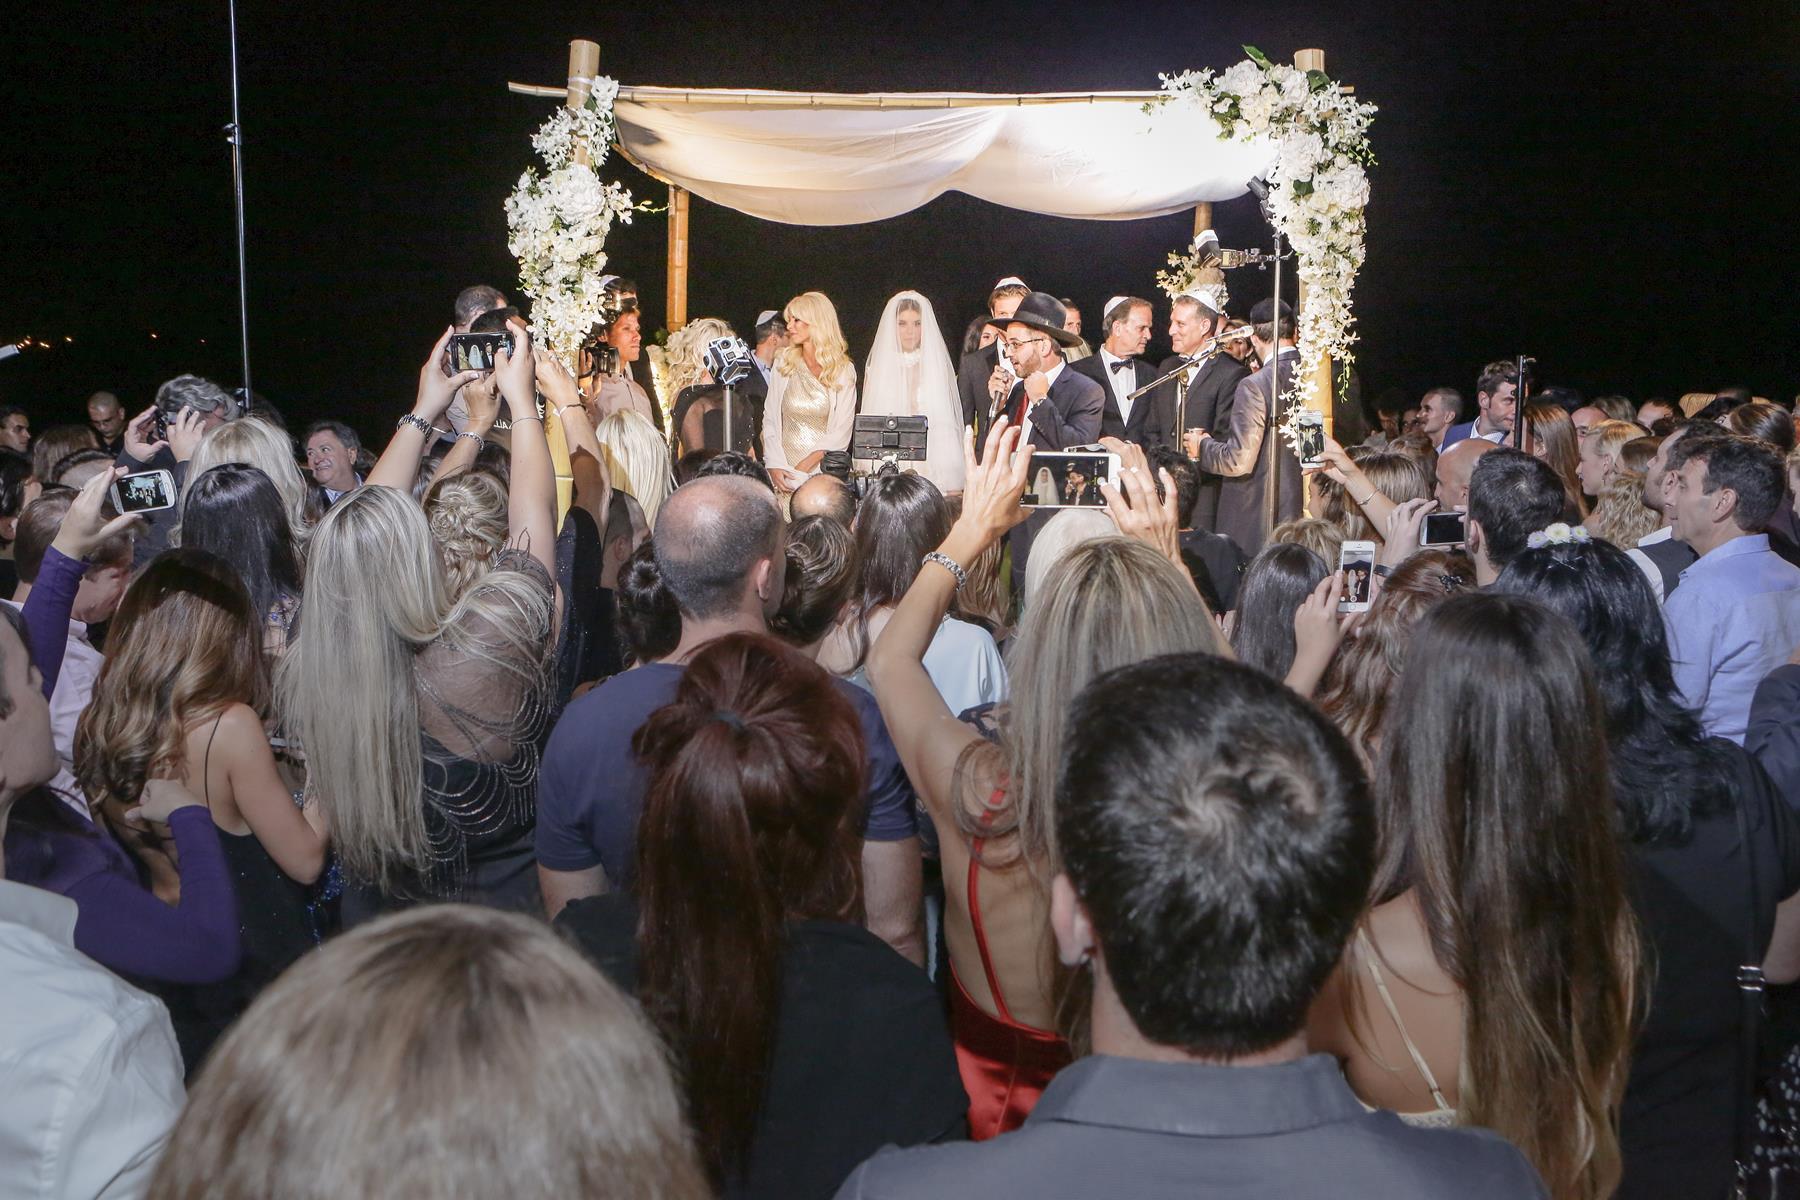 הצצה לחתונה של לירן כוהנר וגיא גיאור